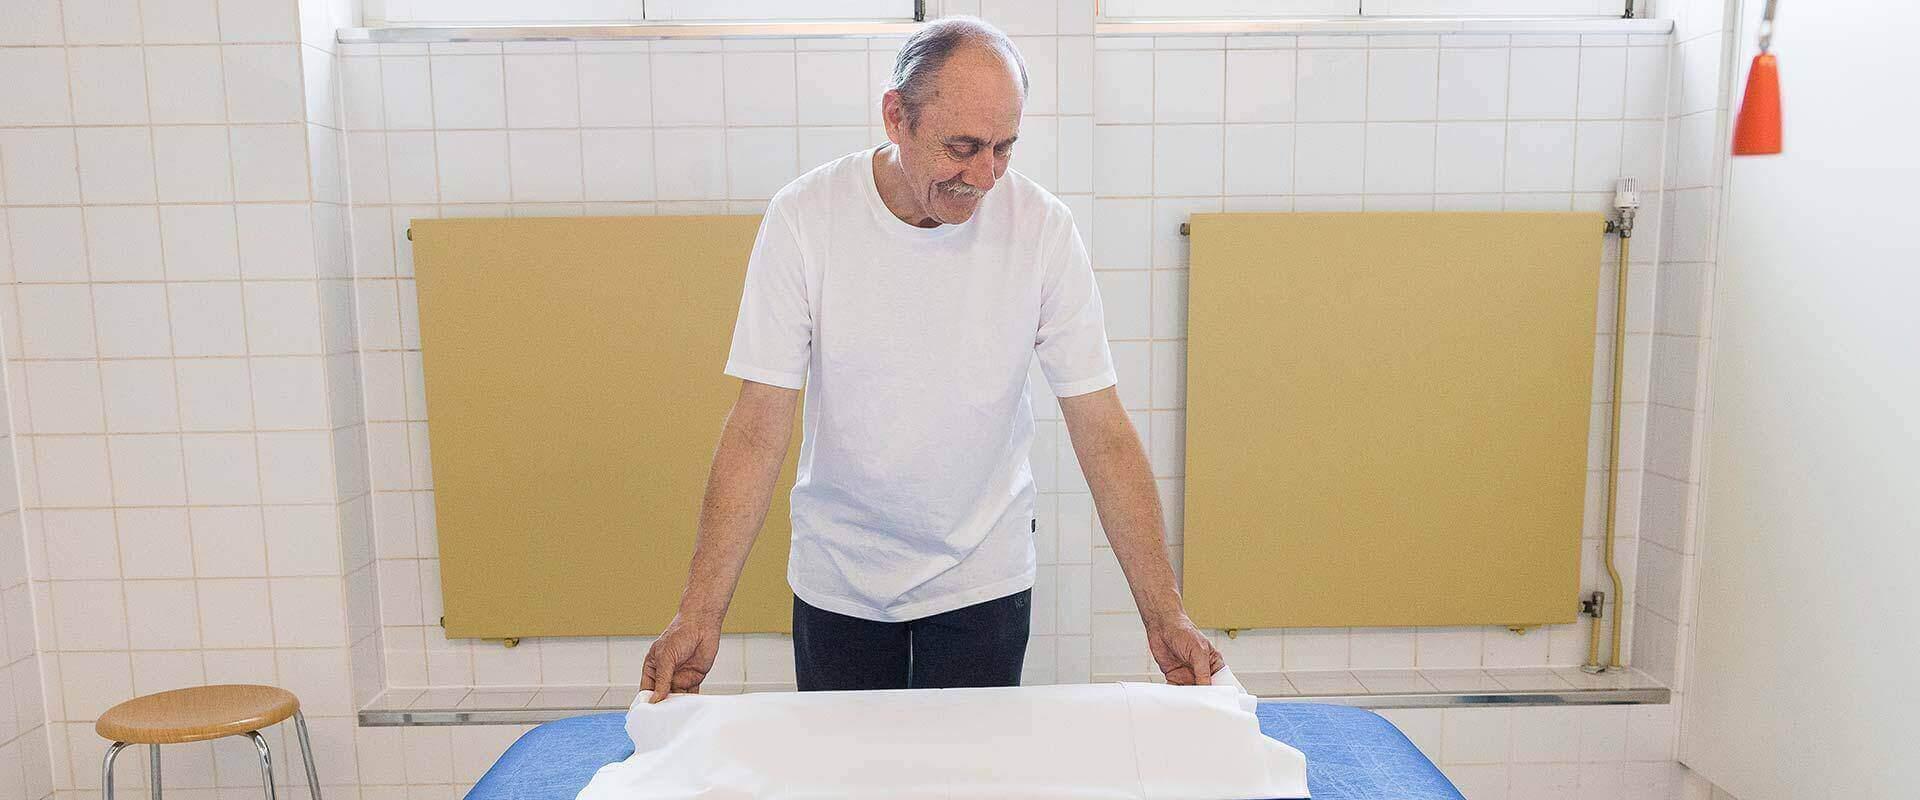 Mann in einem Badezimmer des MEDIAN Soziotherapeutisches Zentrum Bad Dürkheim